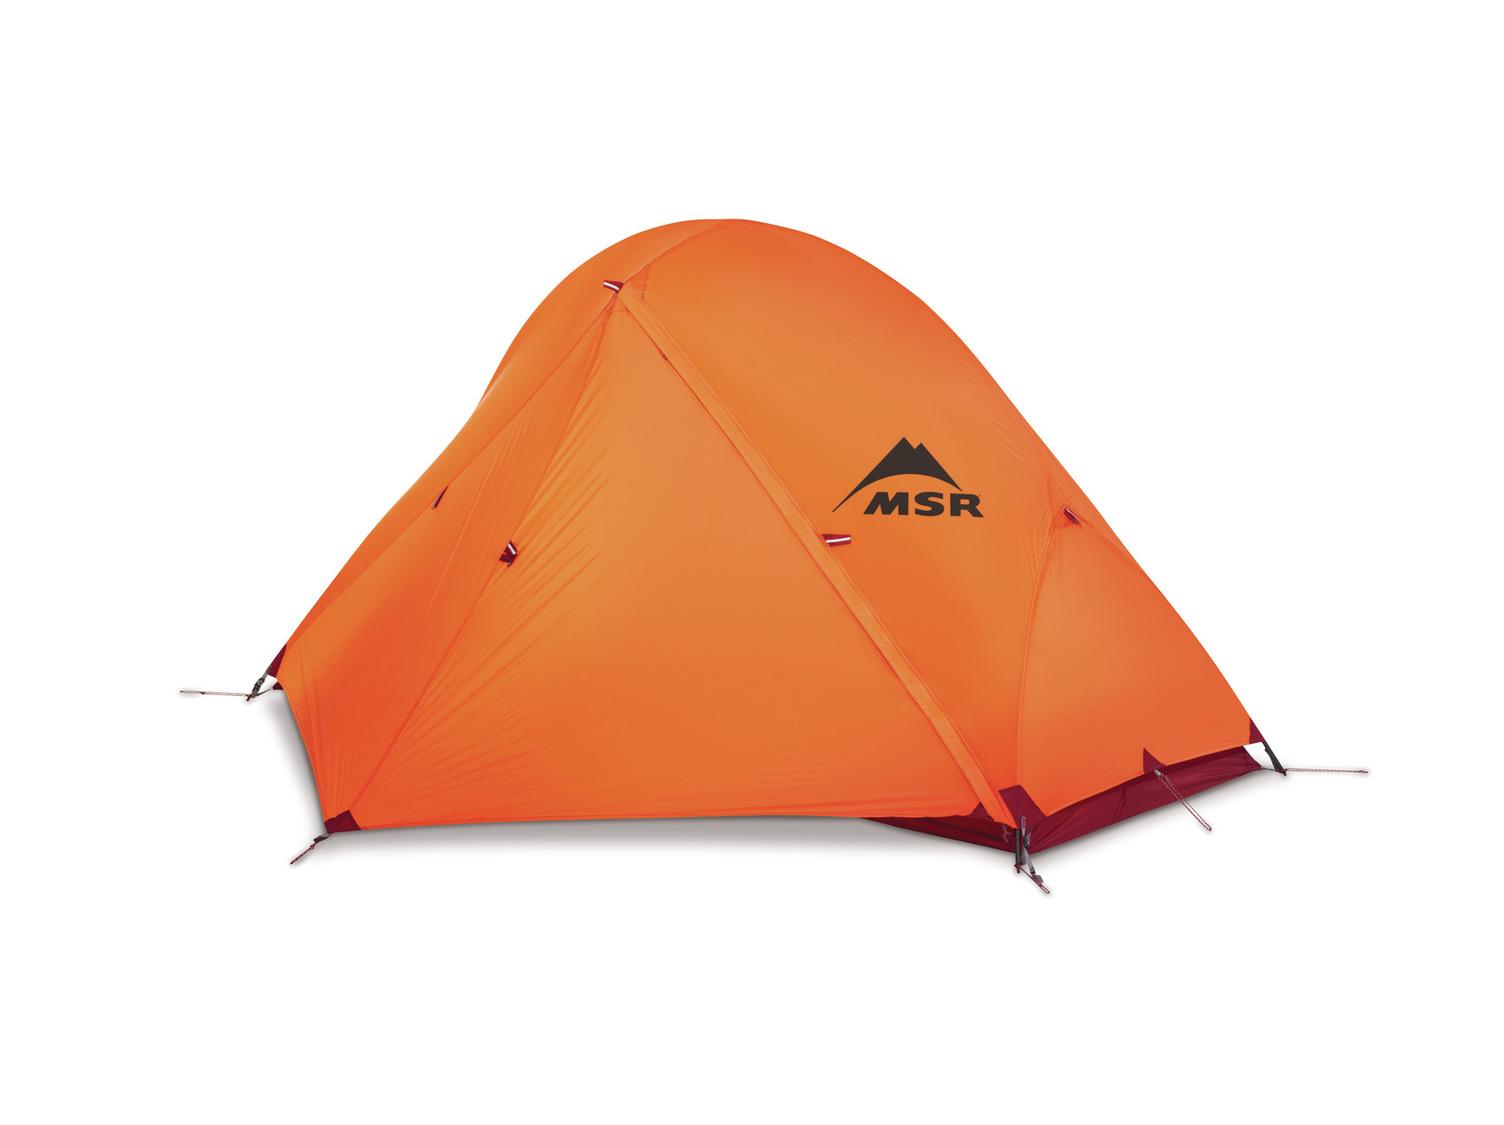 MSR - Access 1 - Zelt für Sommer & Winter für eine Person *inkl. Footprint* – Bild 4